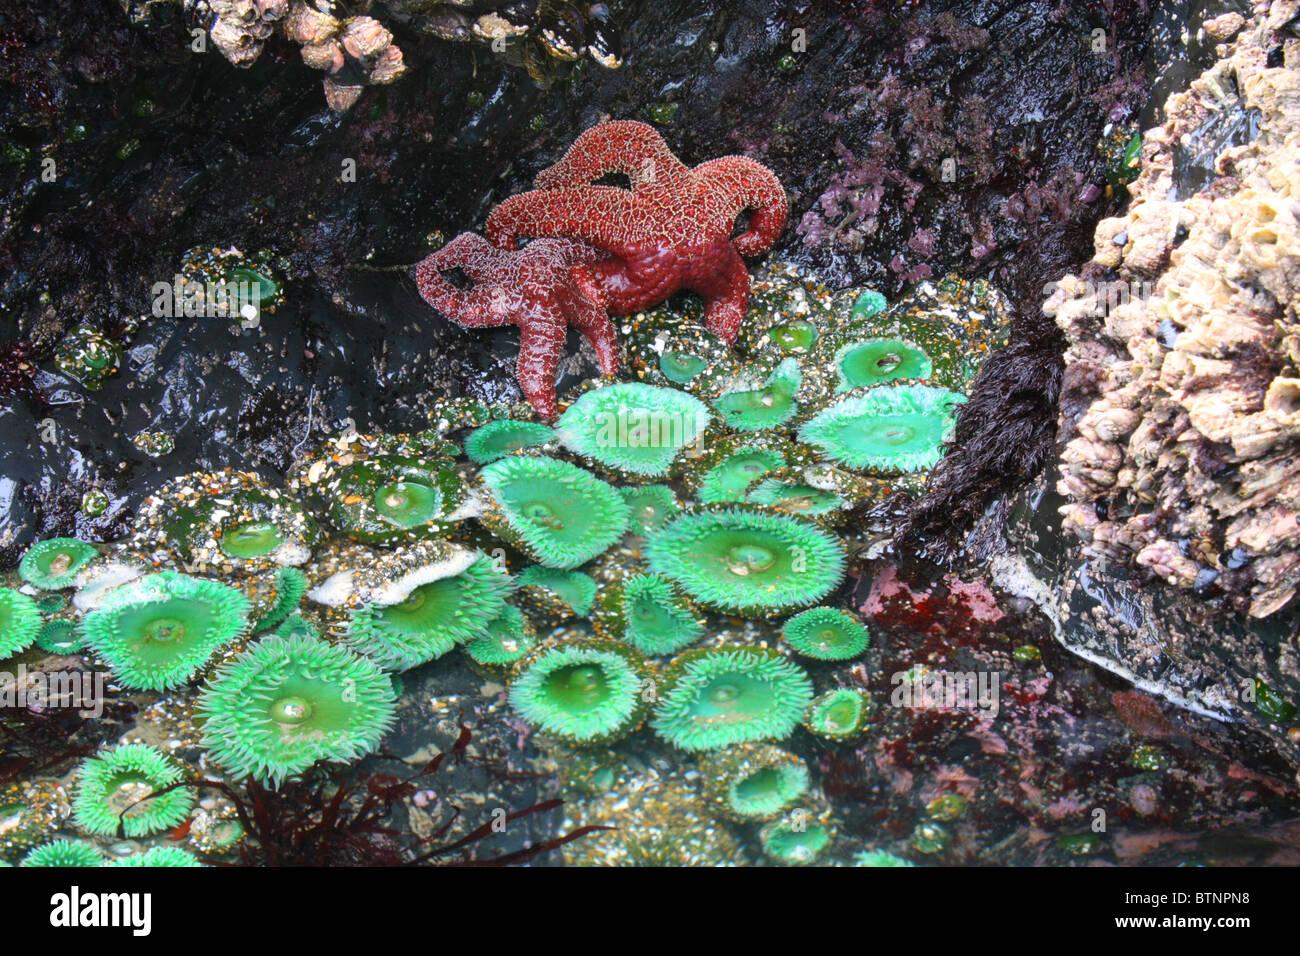 Piscina de marea de Oregon vida, Océano Pacífico, Seal Rock, Oregon. Starfish, anémona de mar, mejillones, percebes de bellota en una roca bajo el agua. Foto de stock